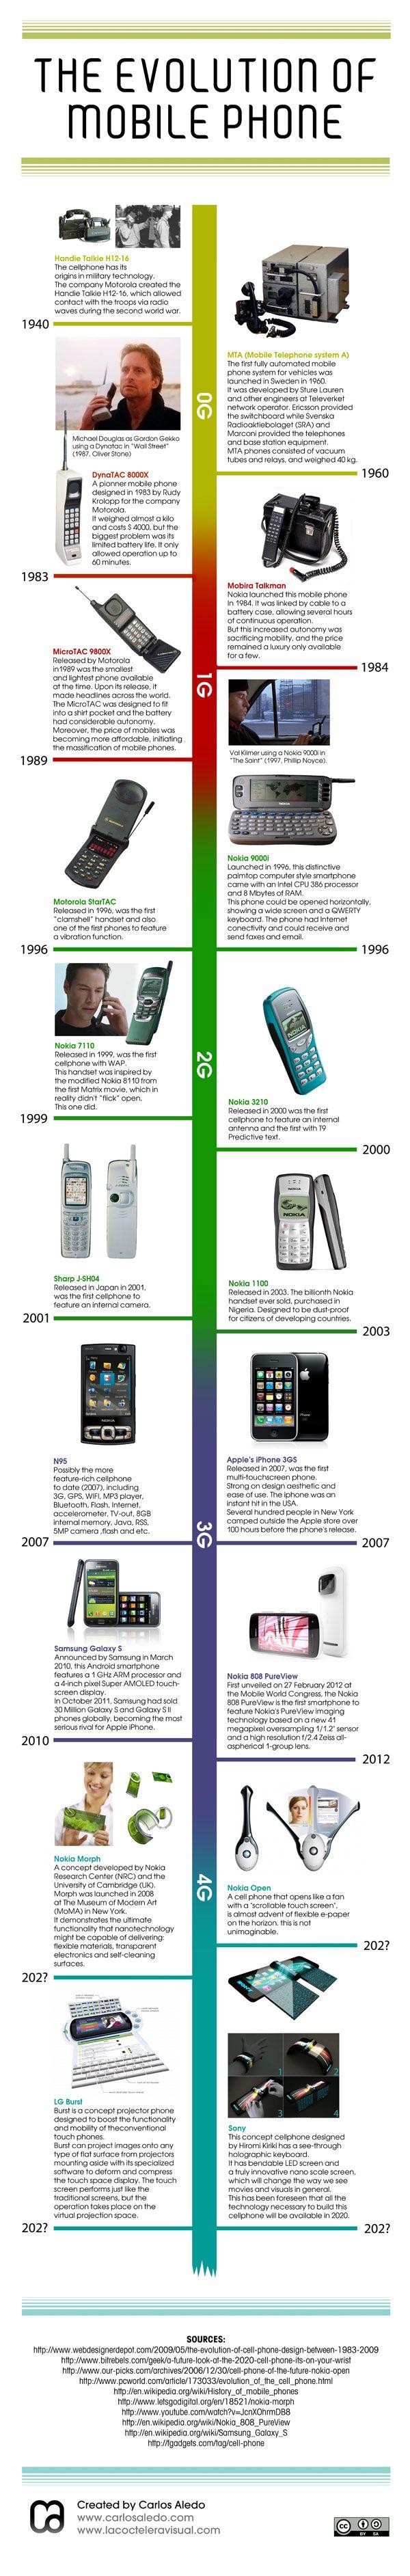 Plus de 70 ans d'évolution des téléphones portables | {niKo[piK]}